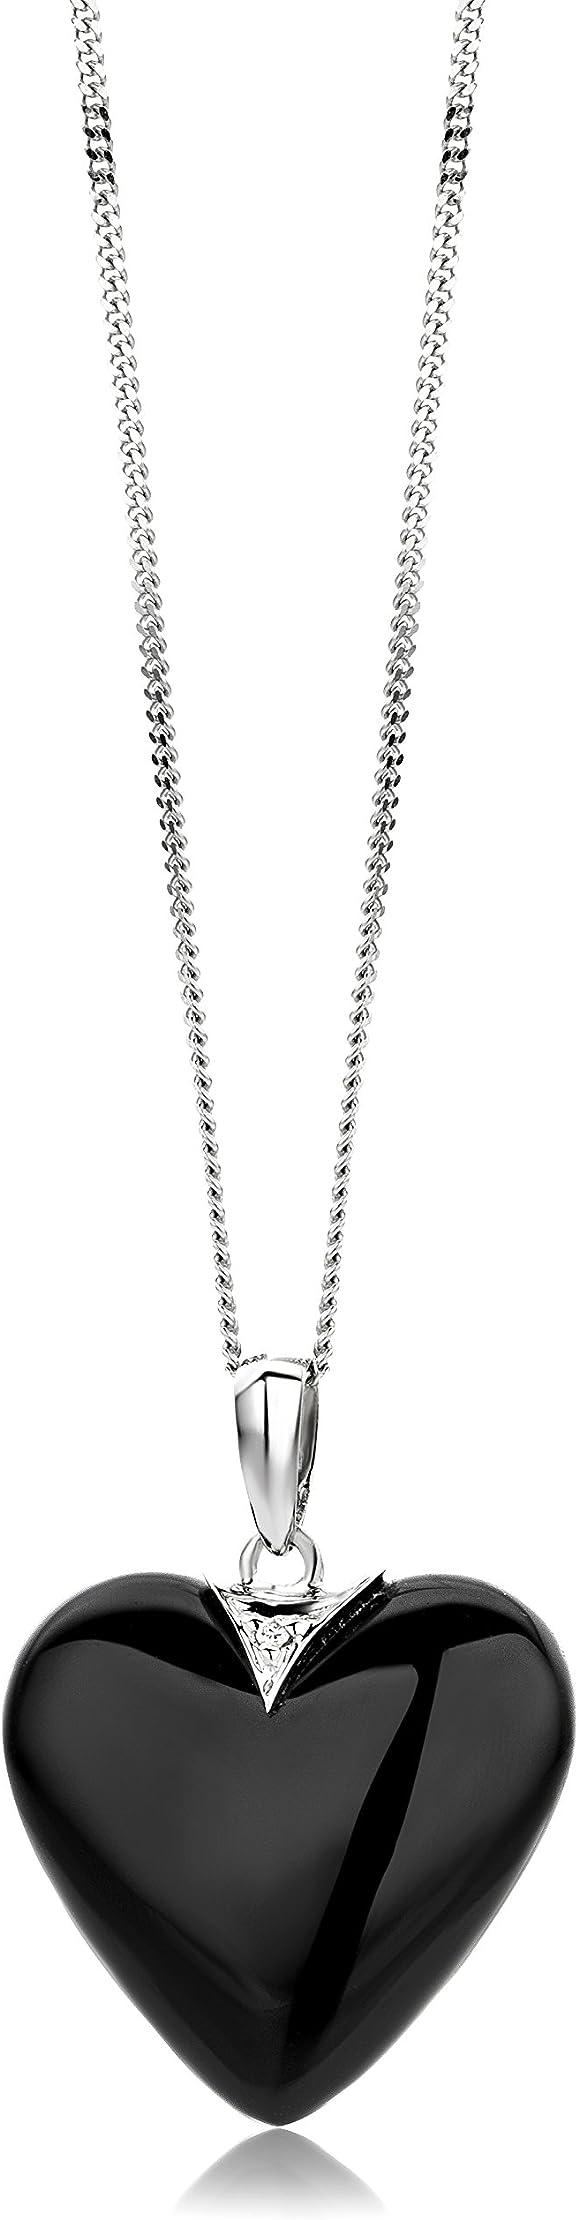 Collana cuore miore donna con catena cuore agata nera con diamante taglio brillante oro bianco 9 kt MG9067N